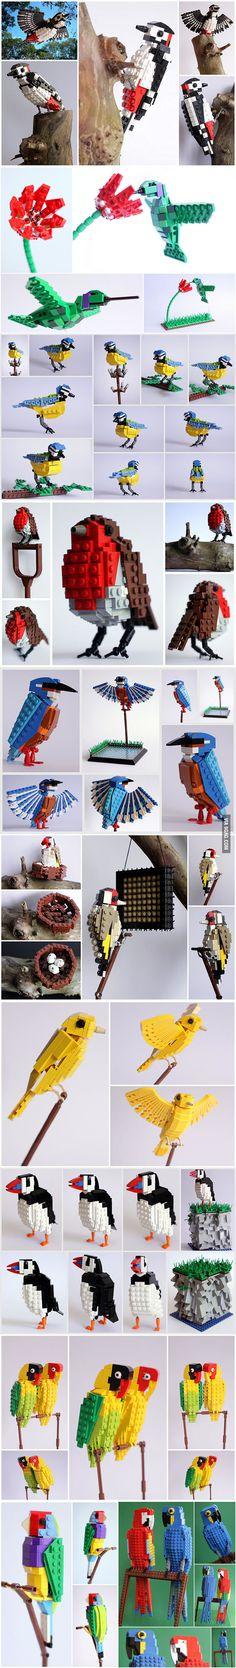 Awesome LEGO Birds